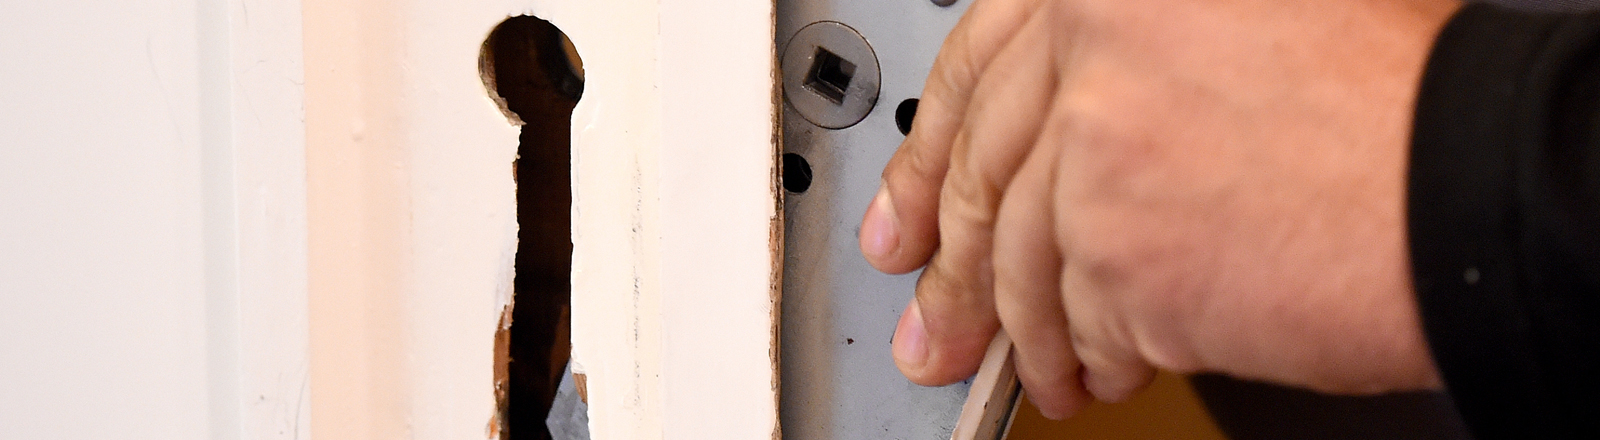 Ein Mitarbeiter eines Schlüsseldienstes baut am 26.08.2014 in Langenhagen (Region Hannover, Niedersachsen) ein defektes Türschloss aus.